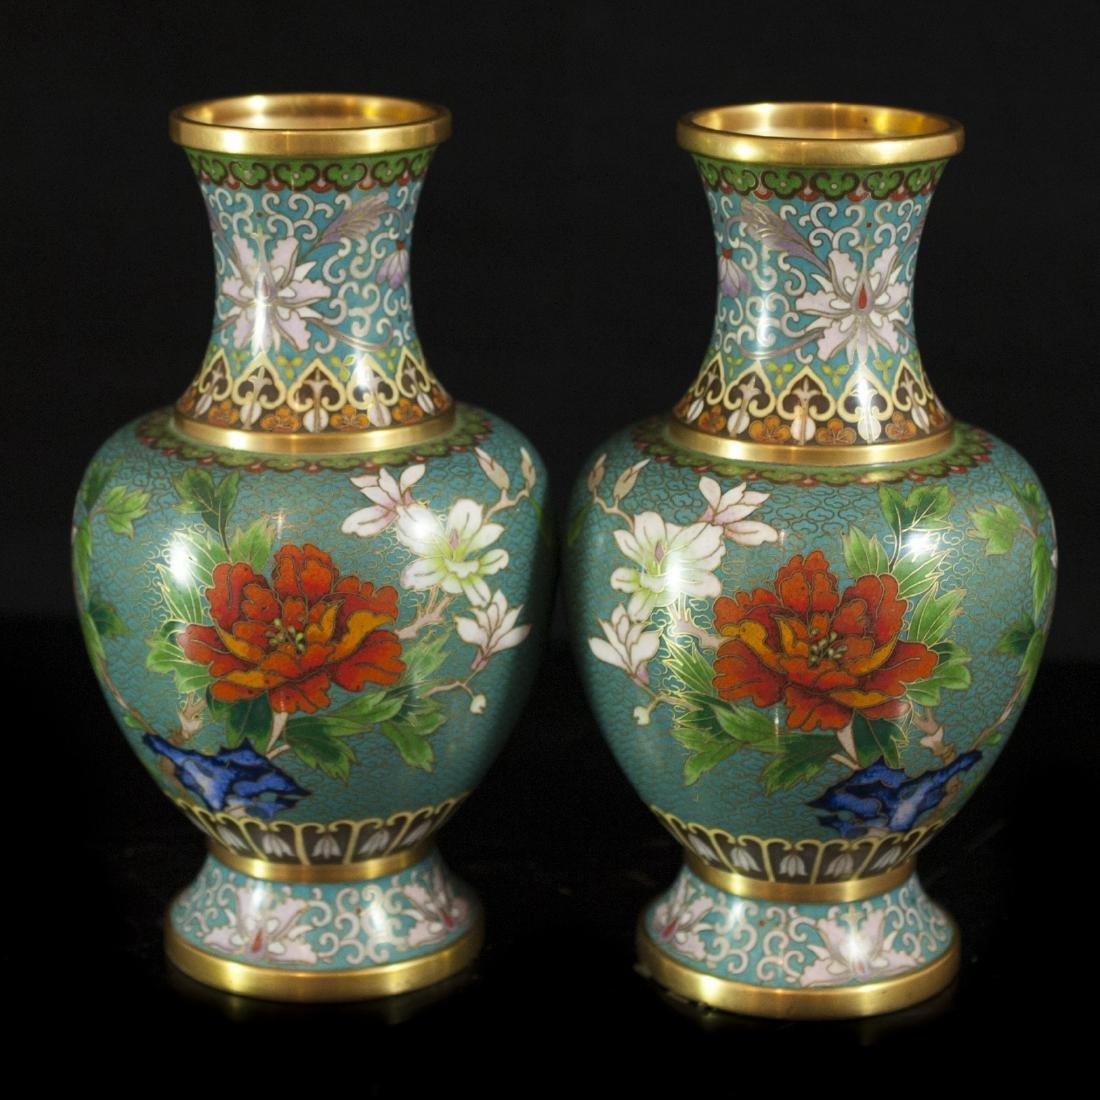 Chinese Enameled Cloisonne Vases